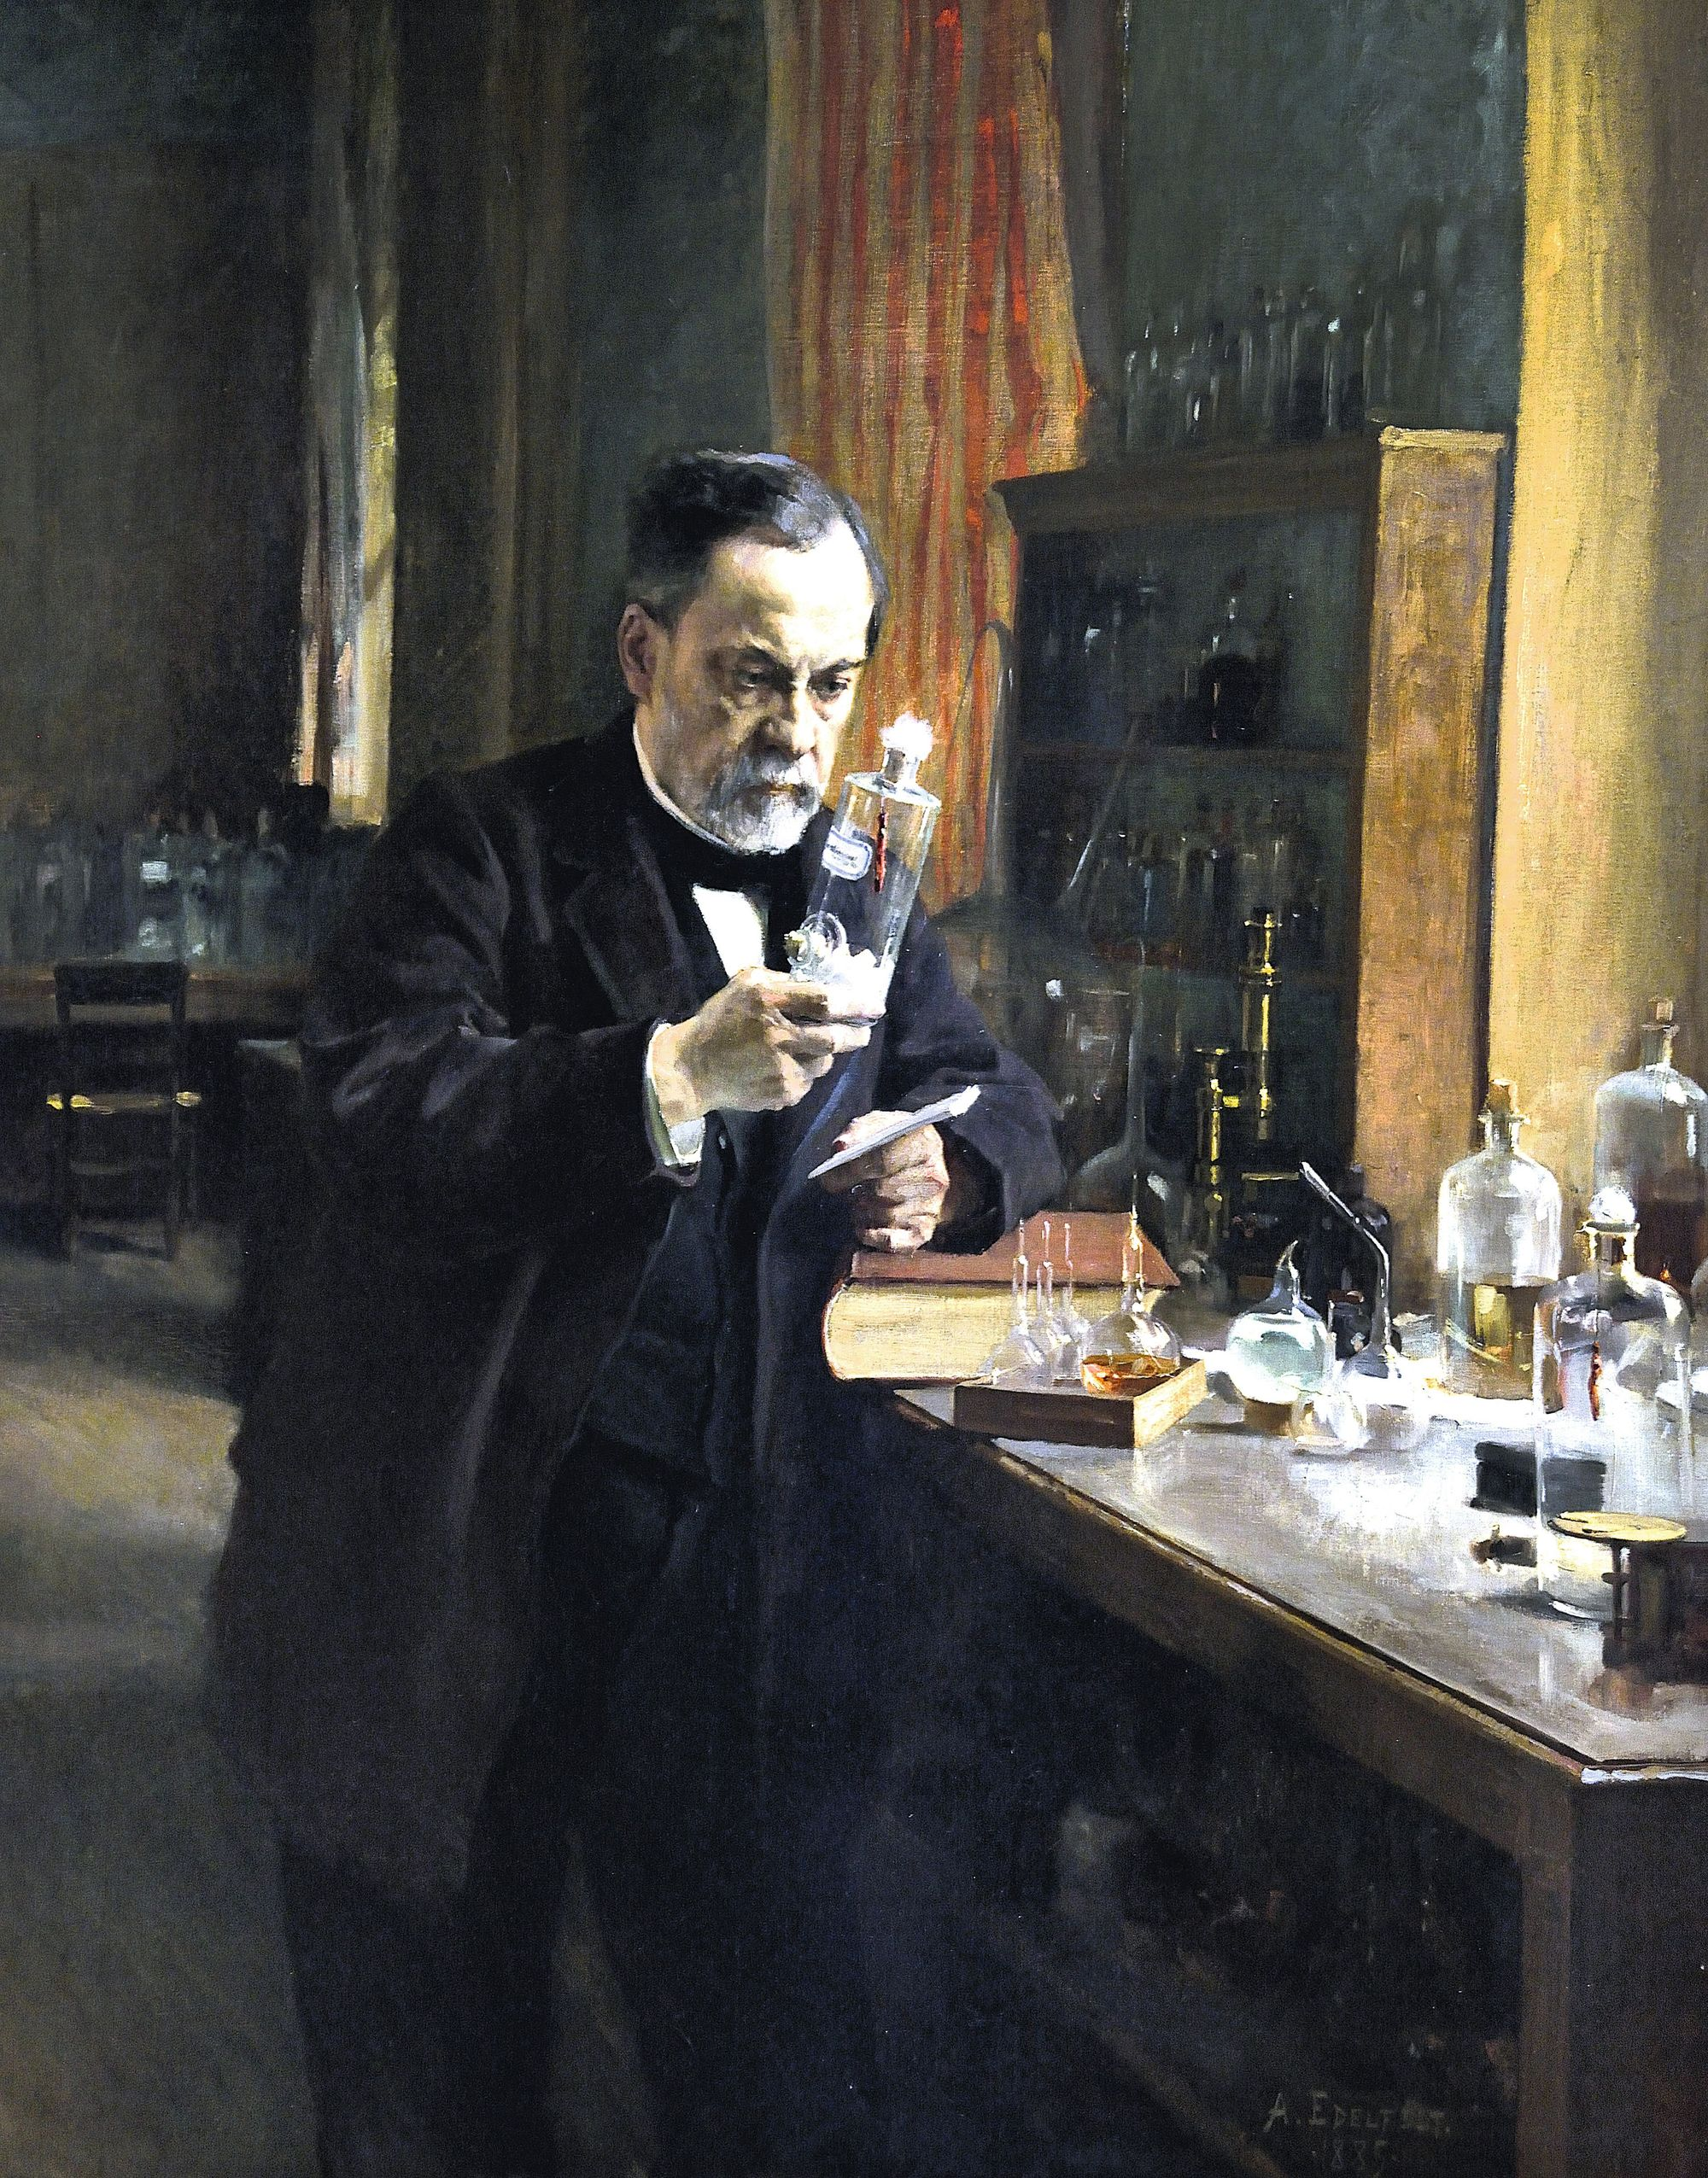 Louis Pasteur découvrant le principe du vaccin par accident.